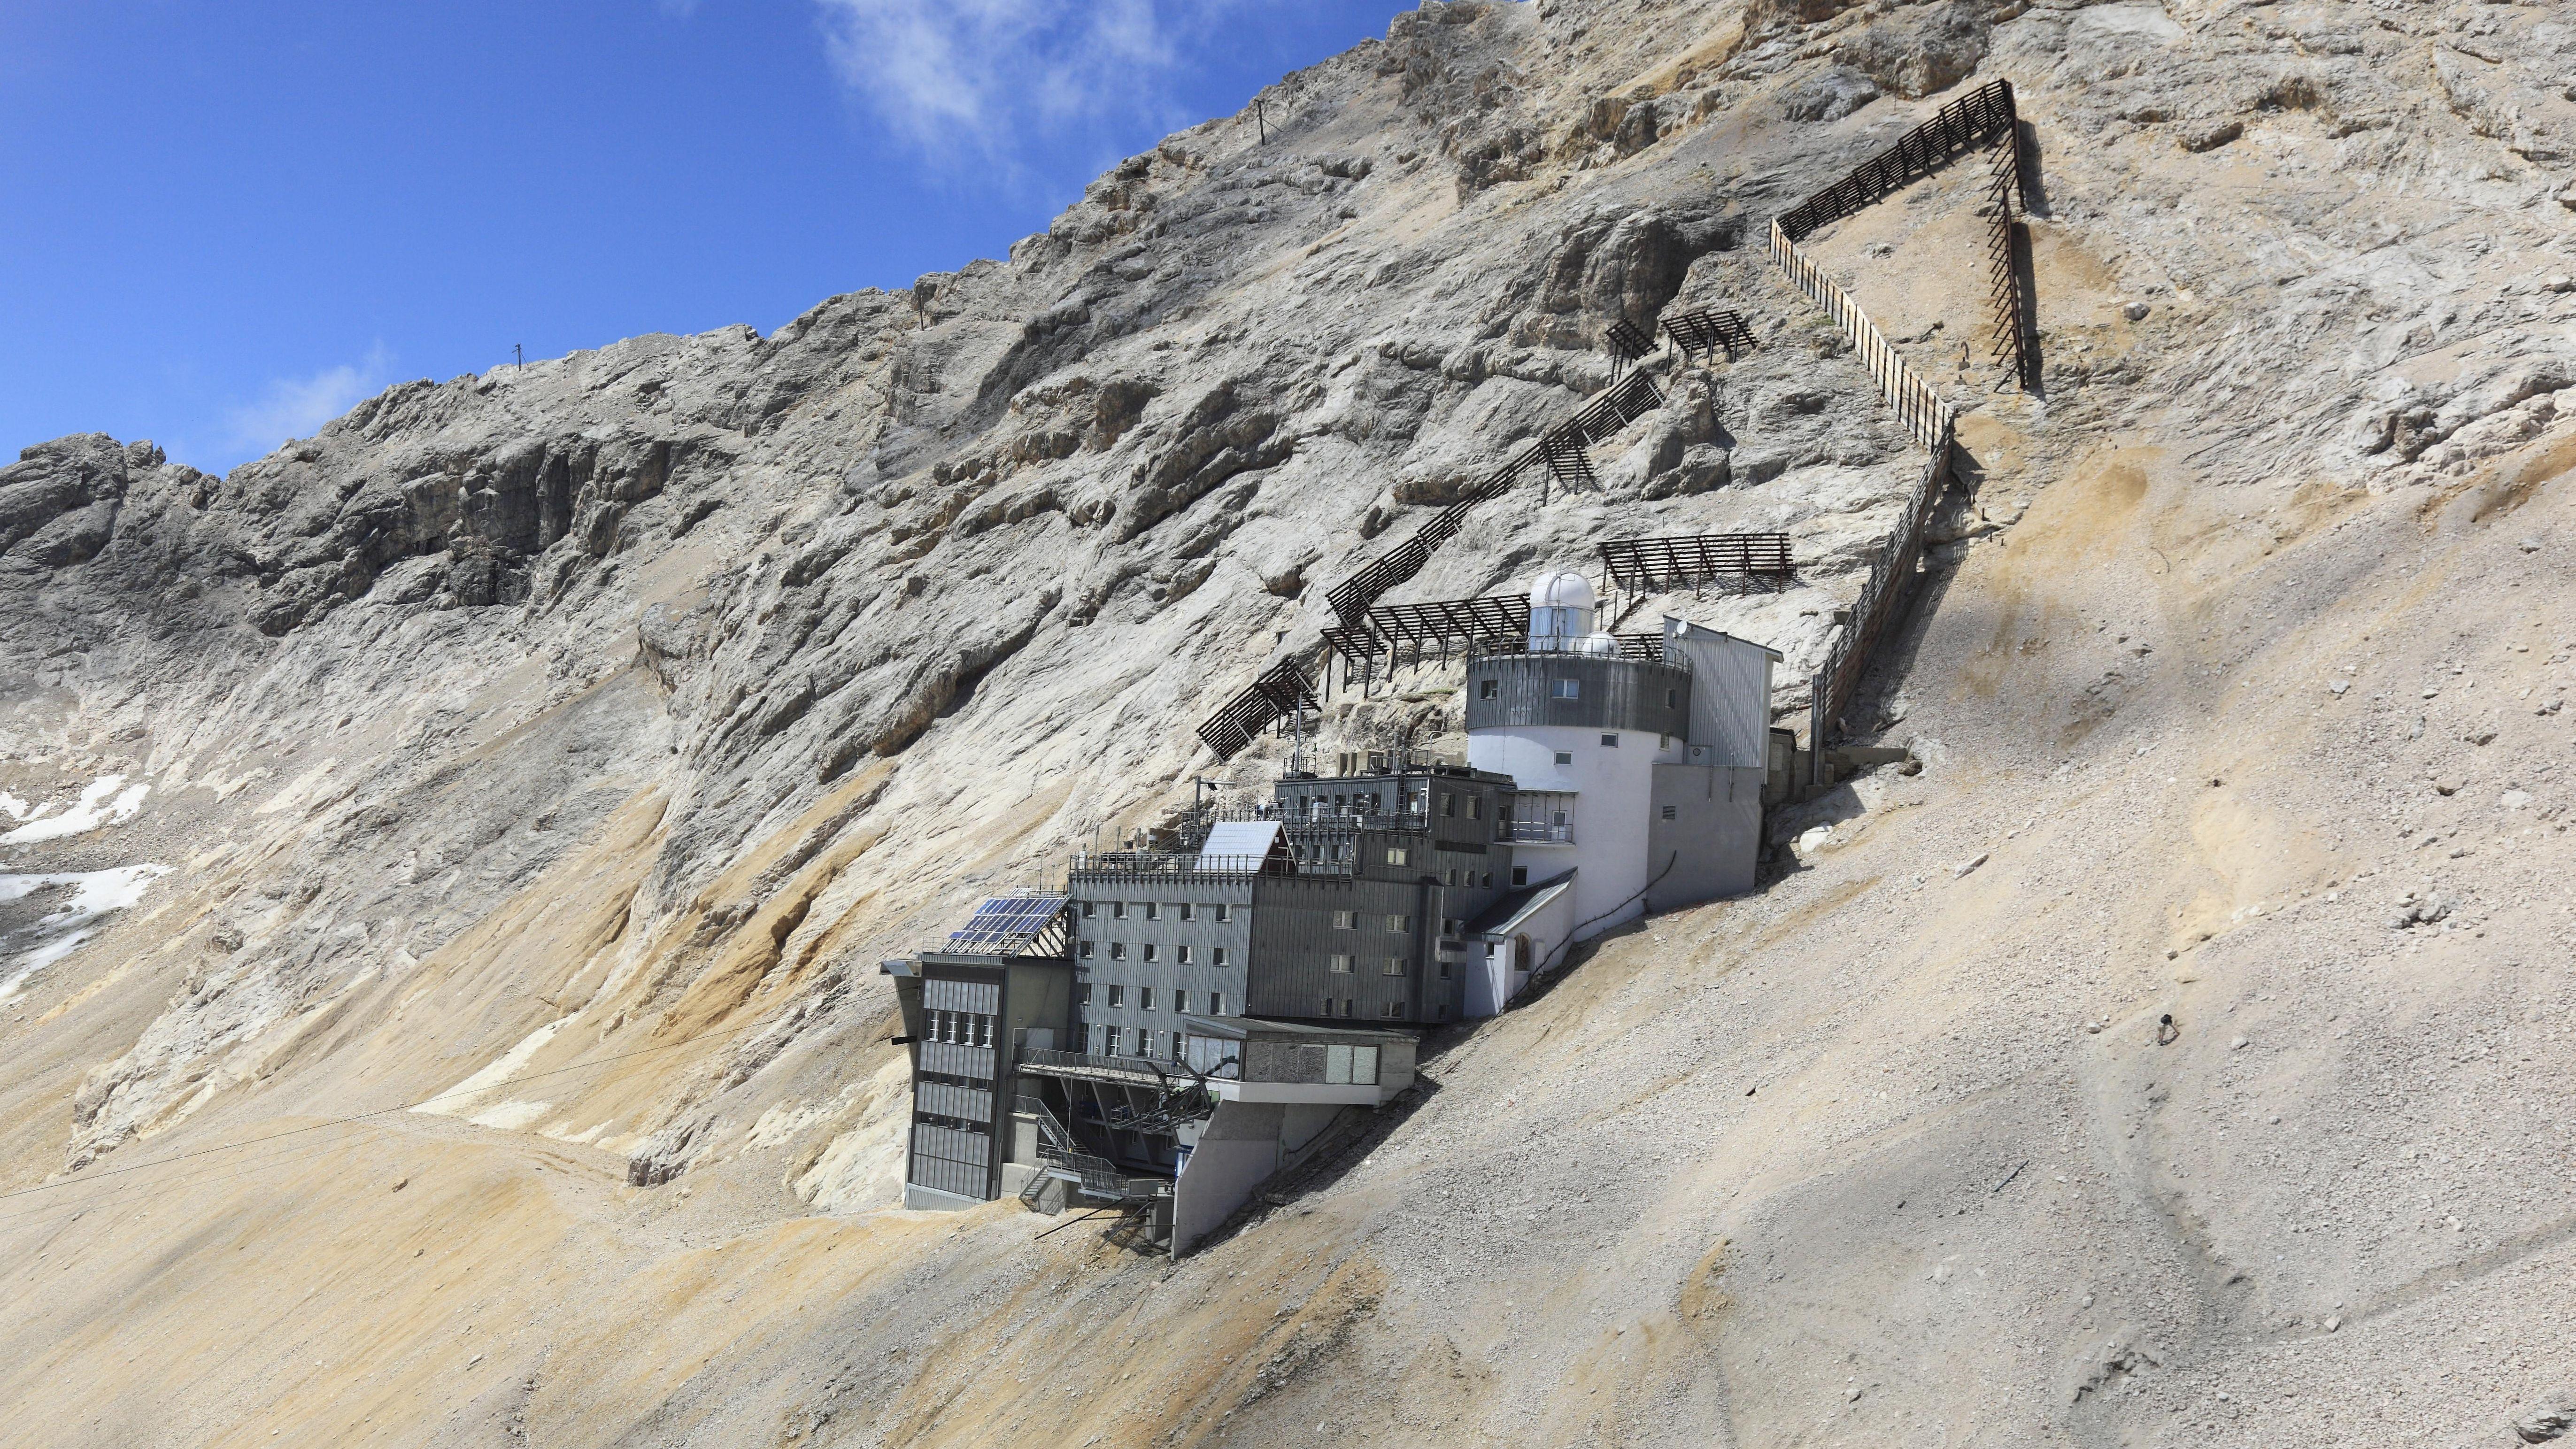 Forschungsstation Schneefernerhaus unterhalb des Zugspitzgipfels